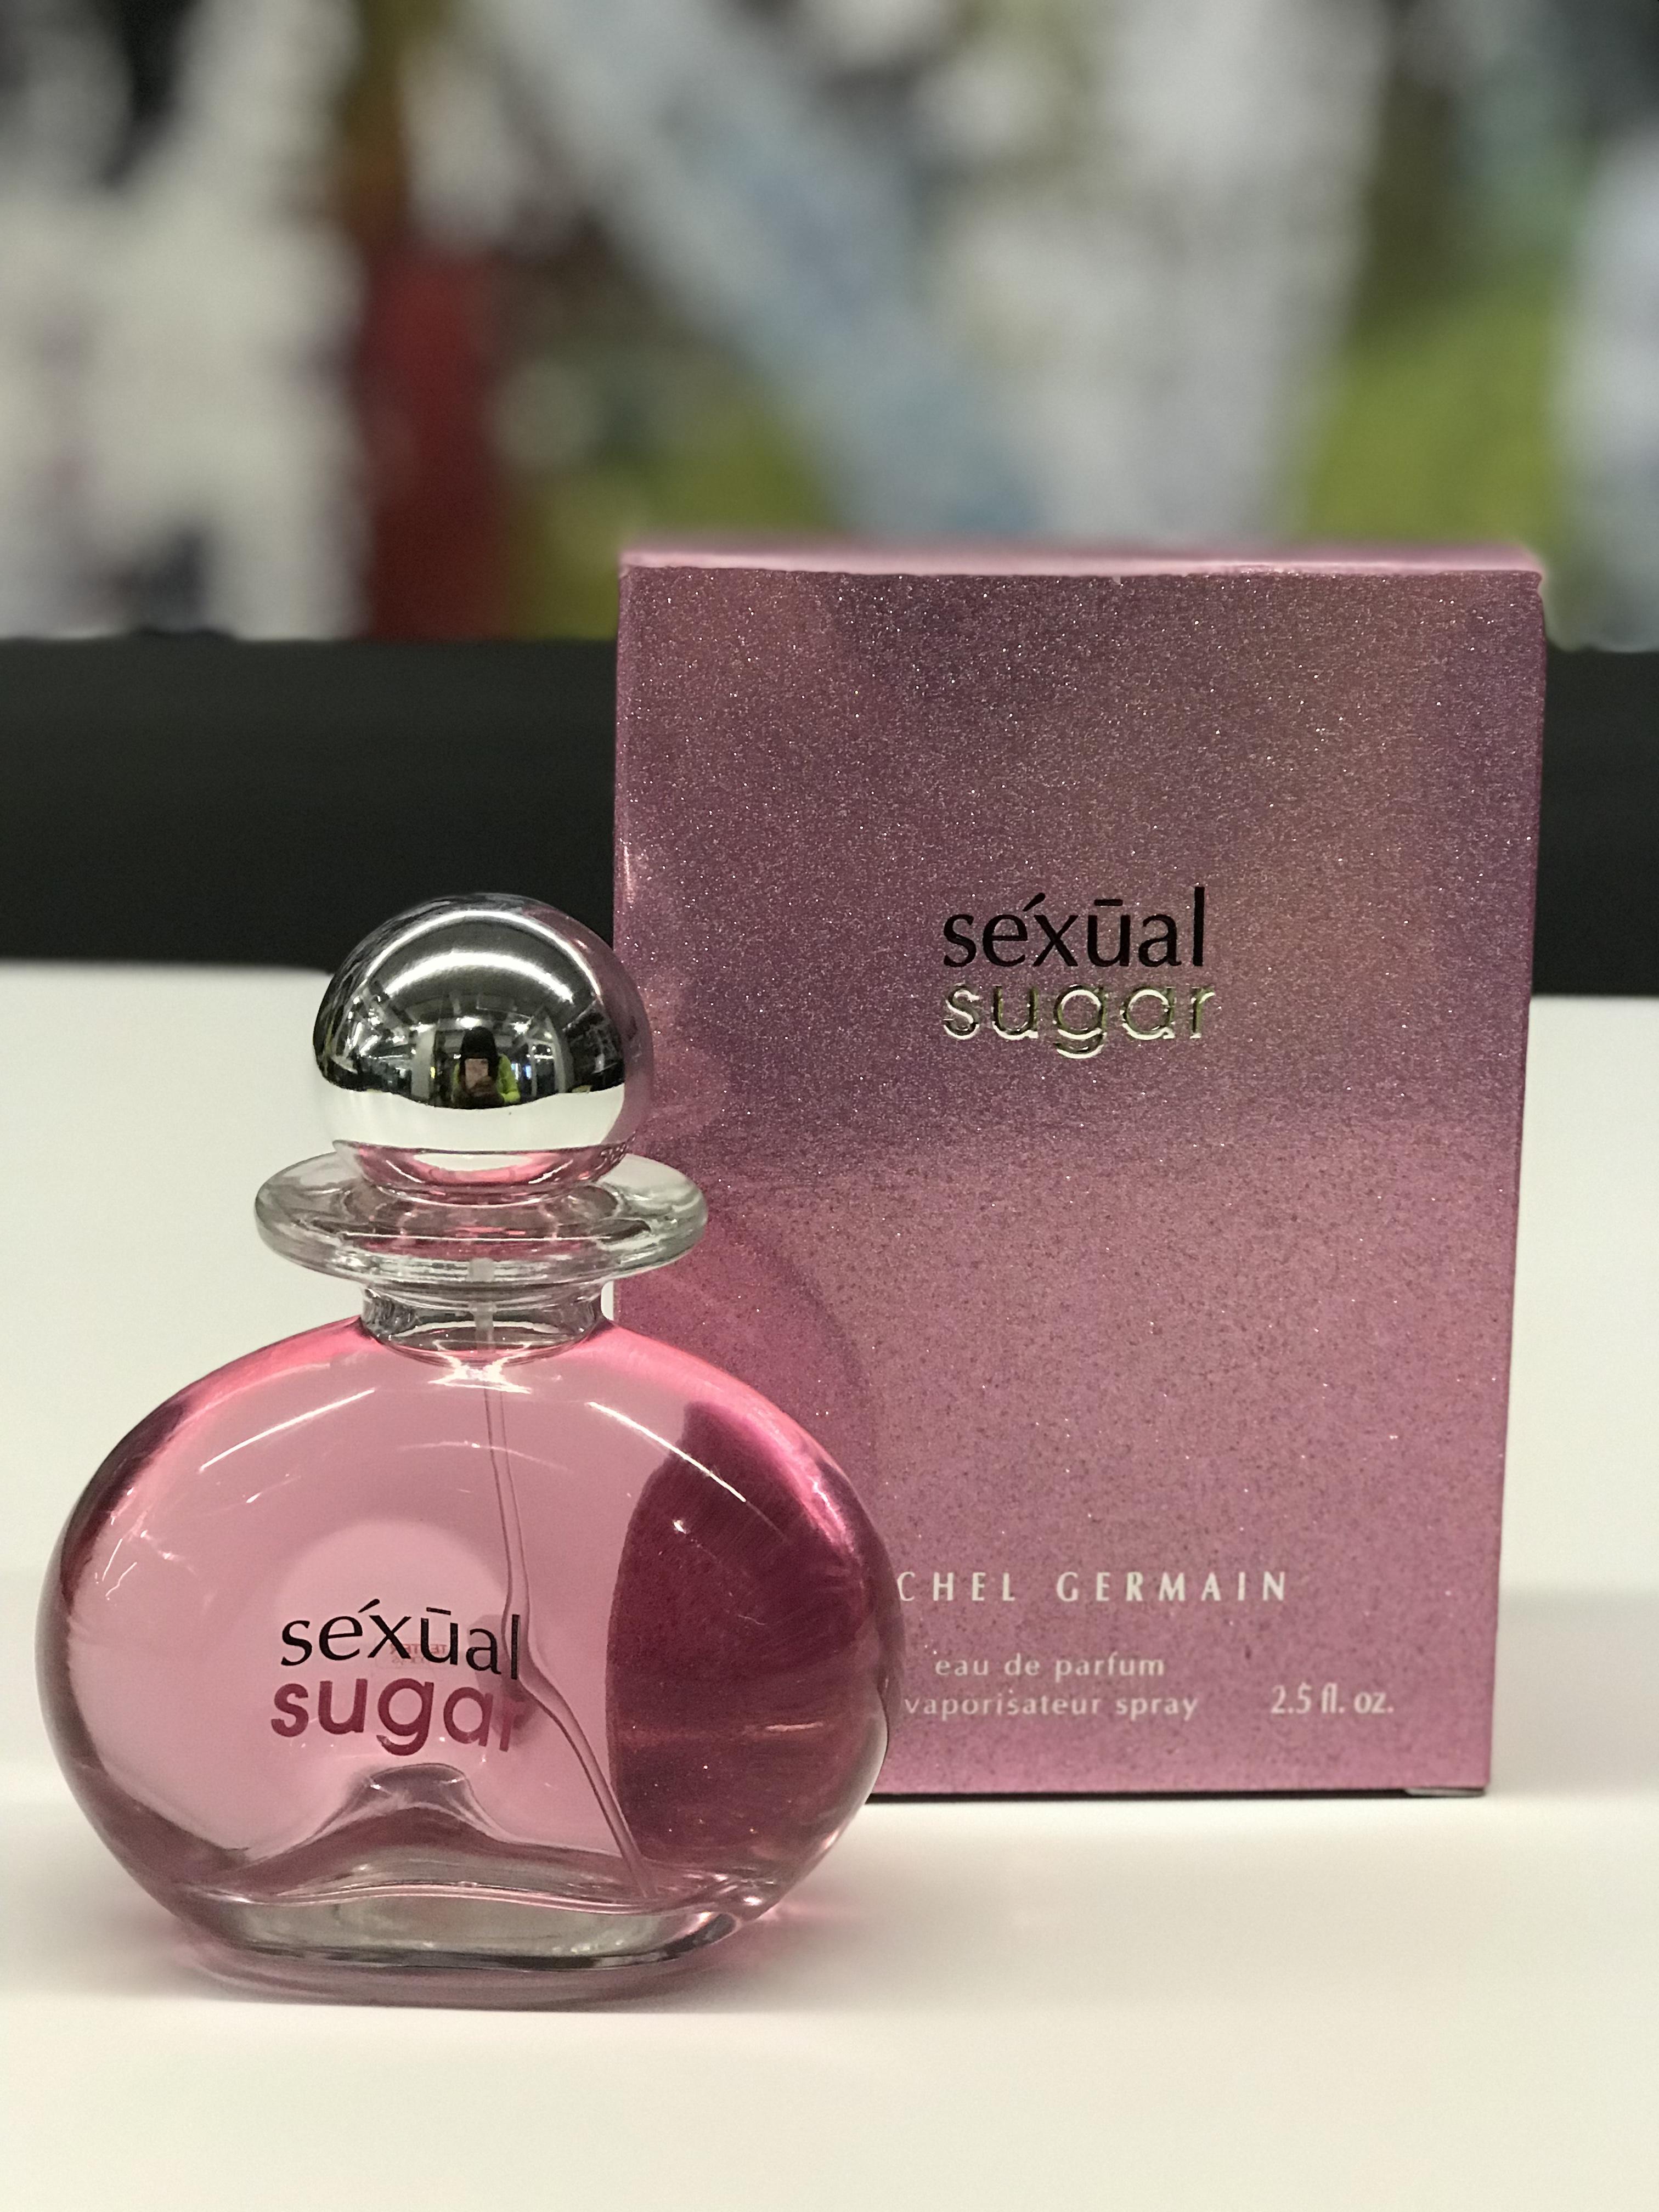 Sexual Sugar by Michel Germain